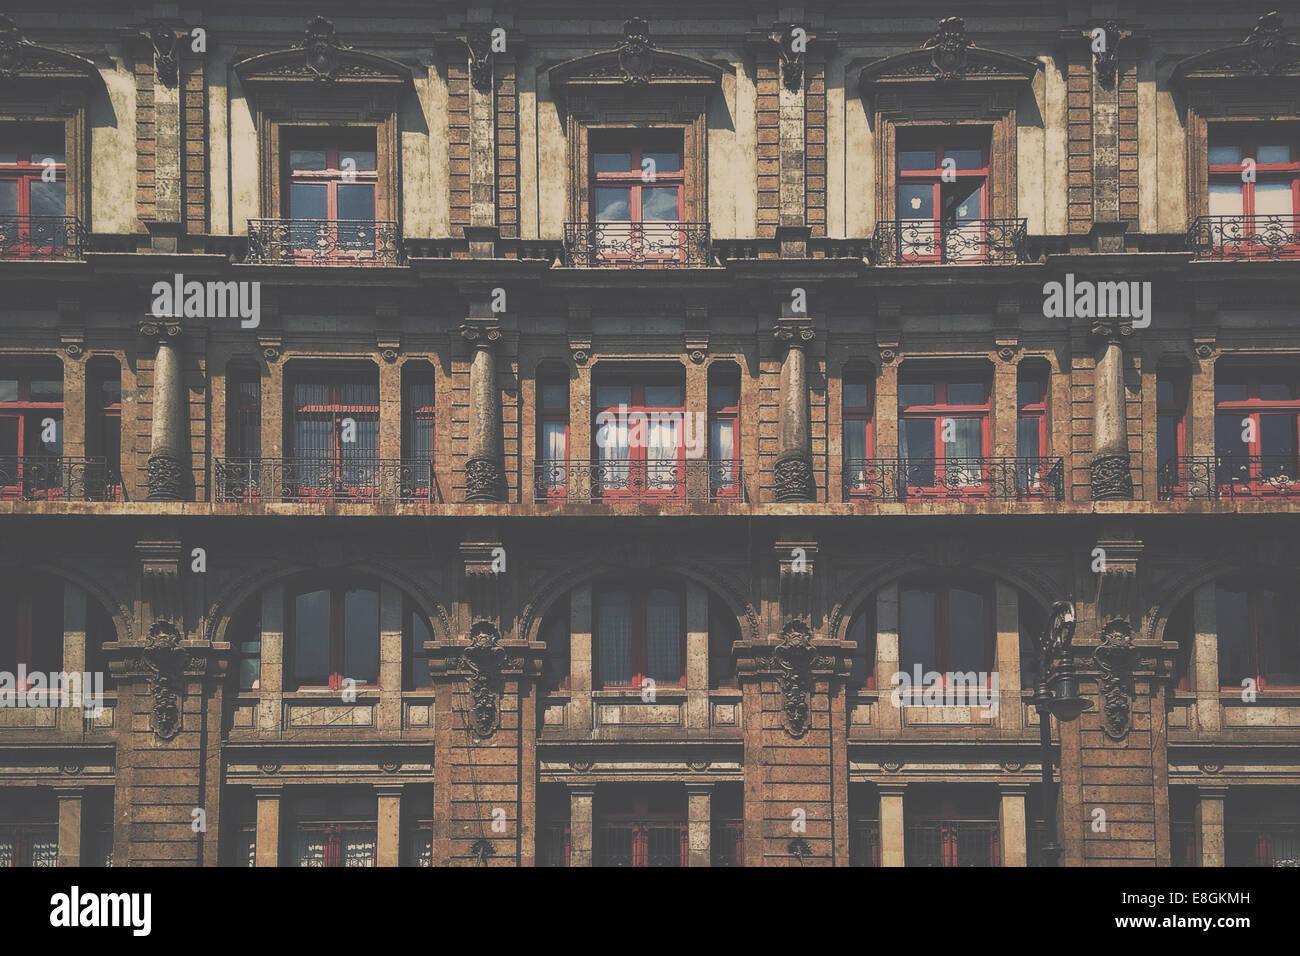 Mexico, Mexico City, Facade of houses - Stock Image